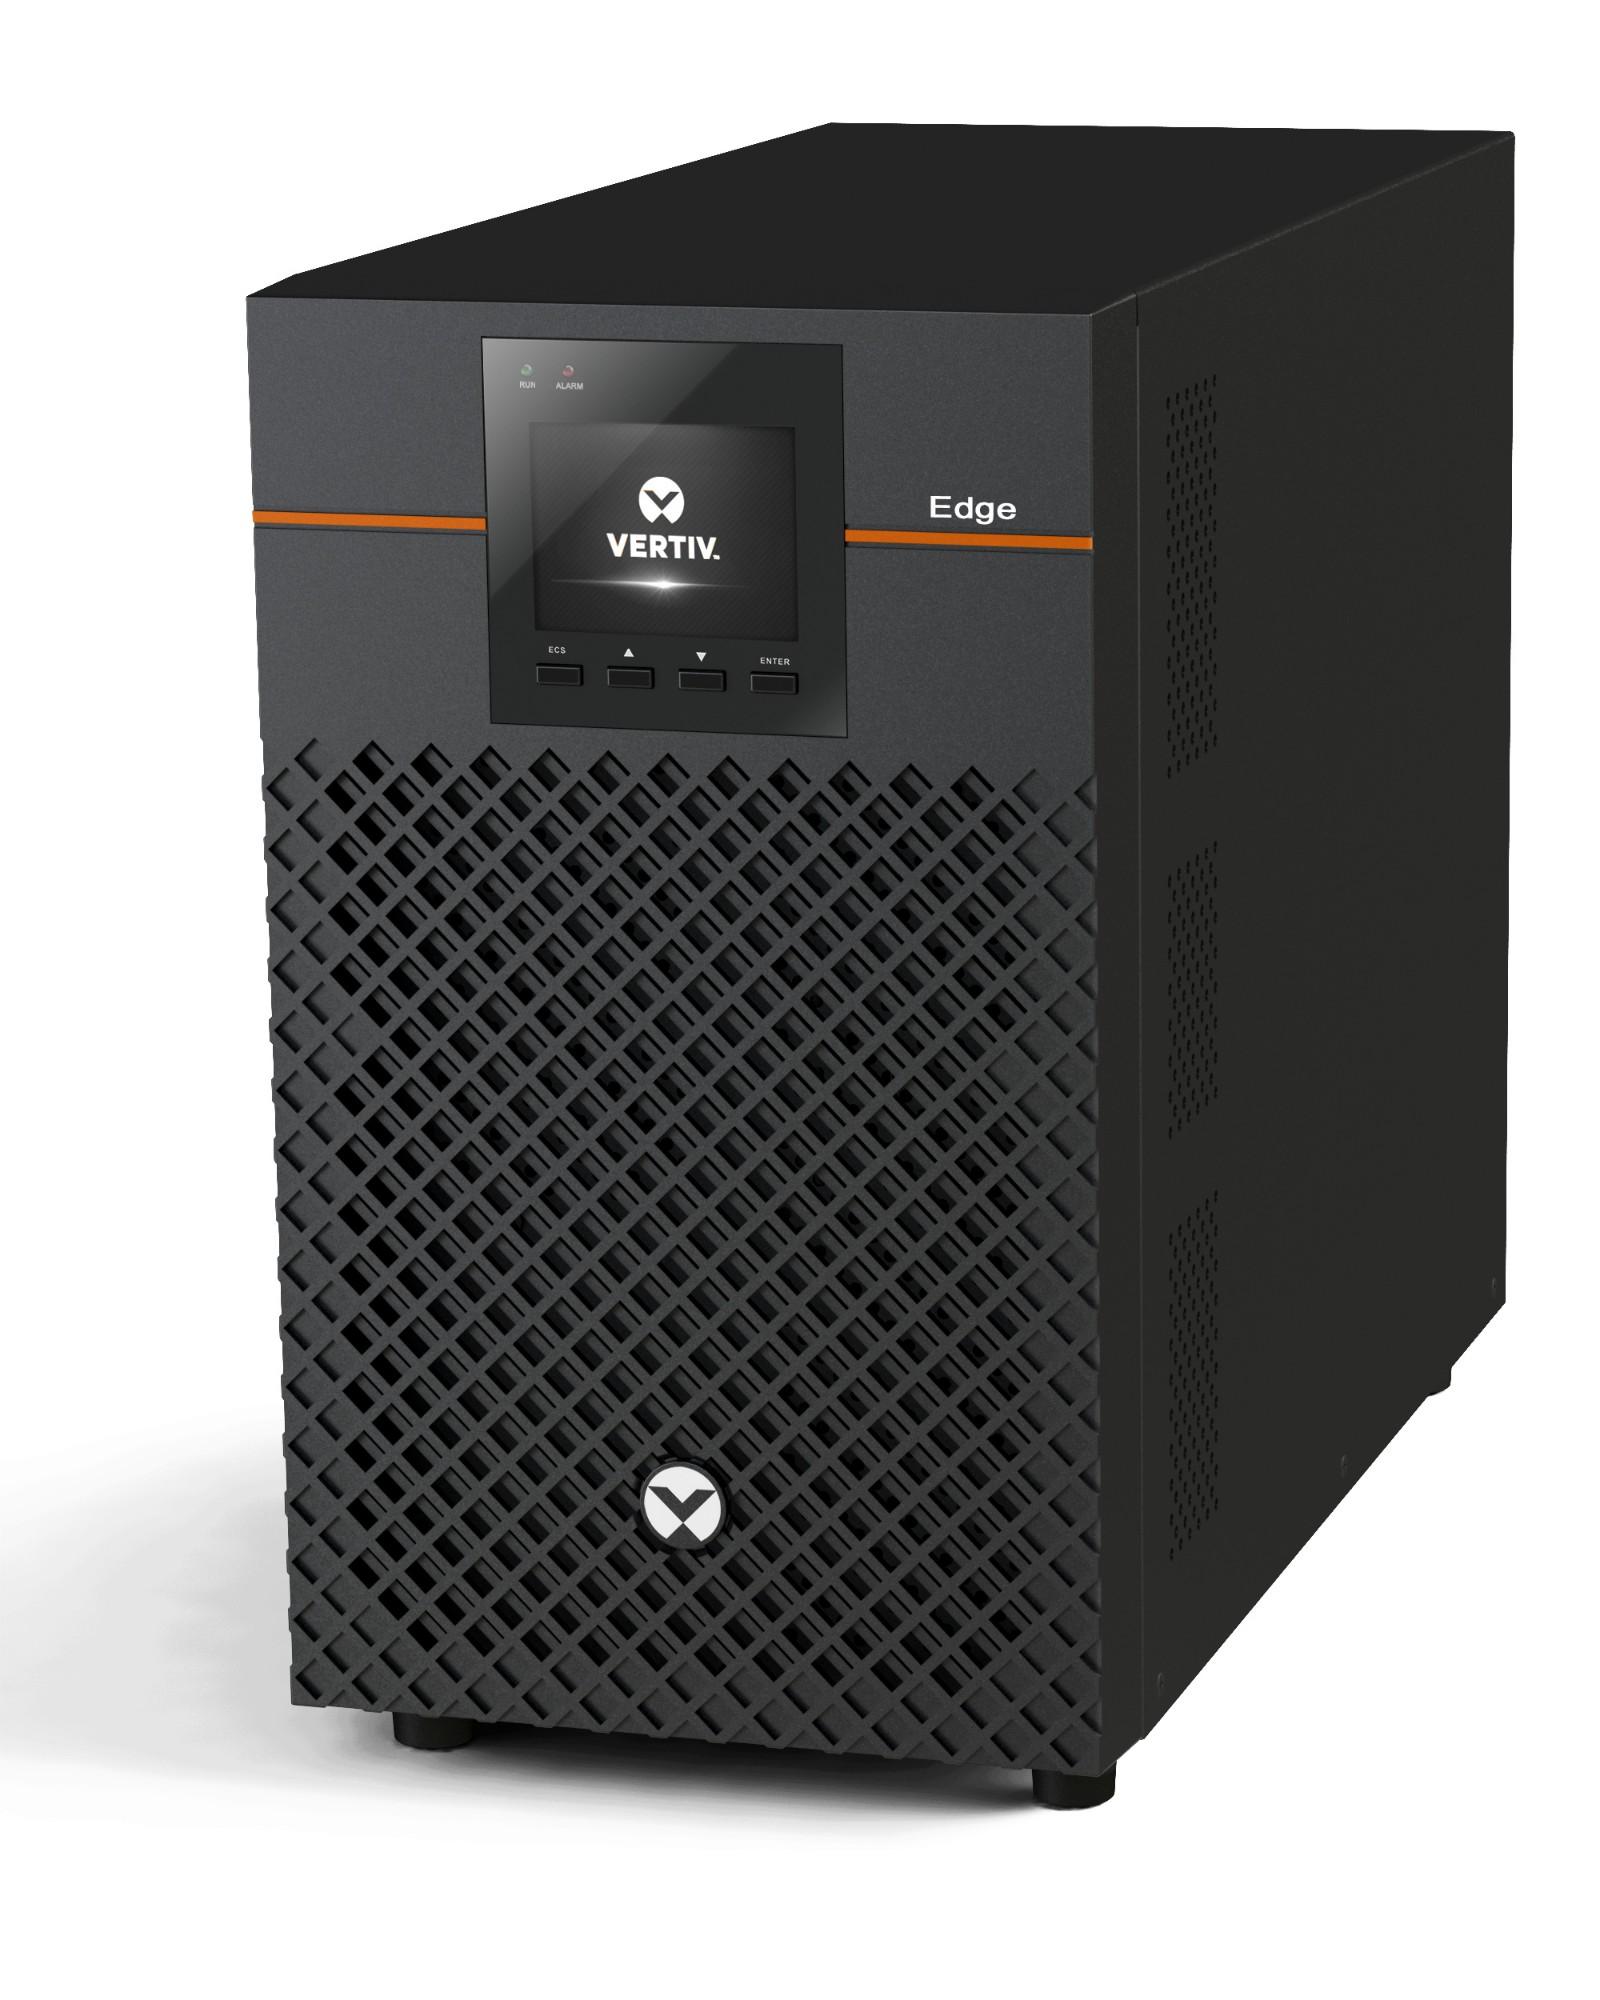 Vertiv EDGE-1000IMT sistema de alimentación ininterrumpida (UPS) Línea interactiva 1000 VA 900 W